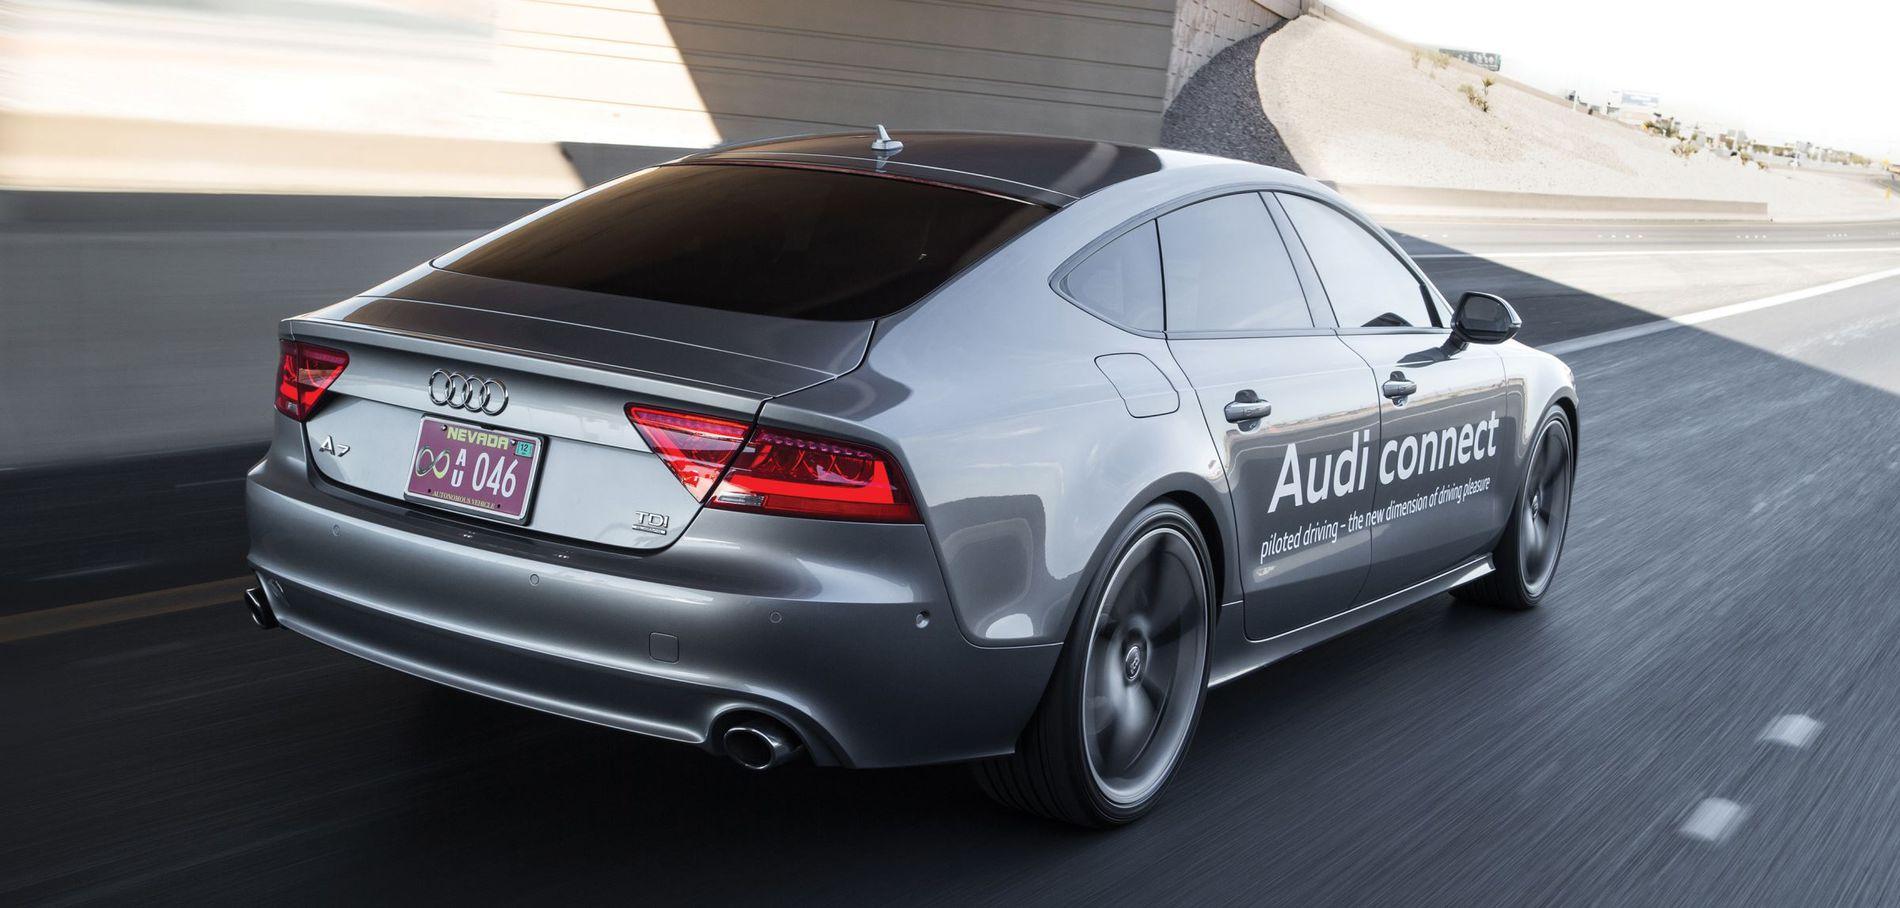 Voiture : Faire l'acquisition d'un nouveau véhicule automobile, ça n'est pas une mince affaire effectivement